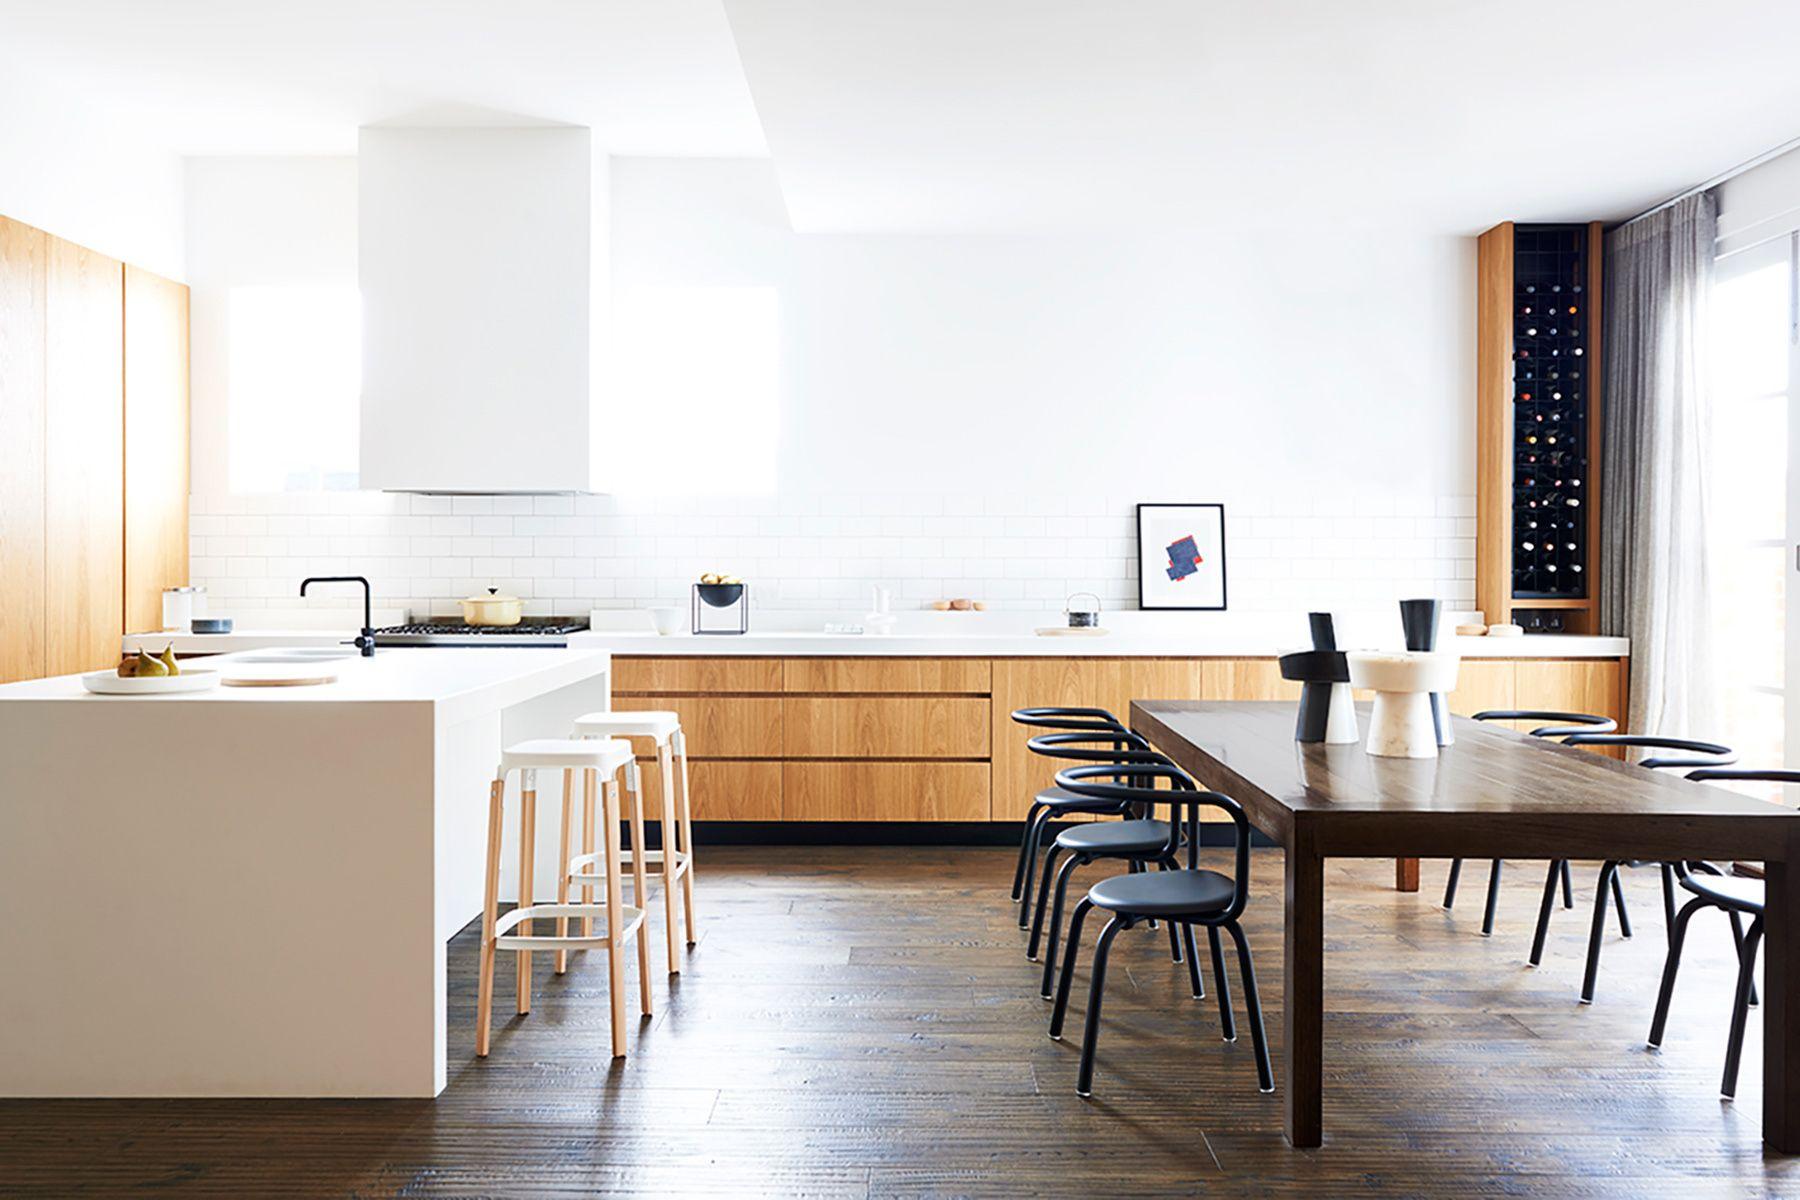 Espacio Minimalista D Nde La Cocina Y El Comedor Conviven  # Muebles Excell Aguascalientes